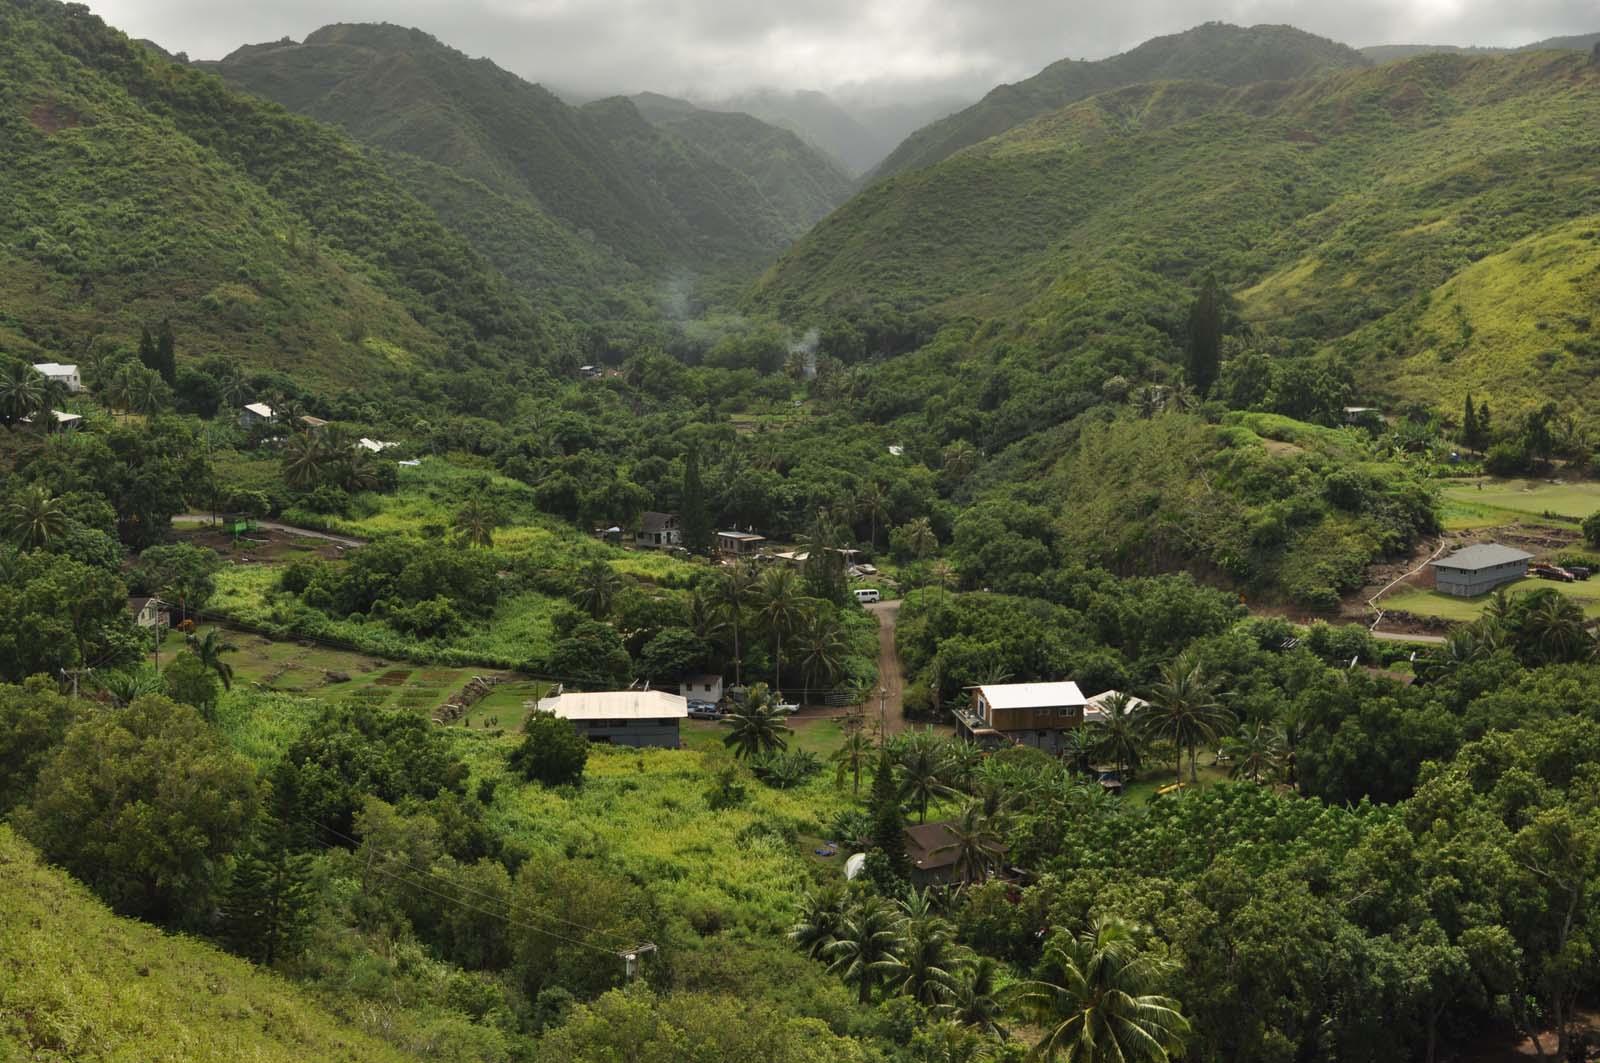 020_west_coast_maui_hawaii